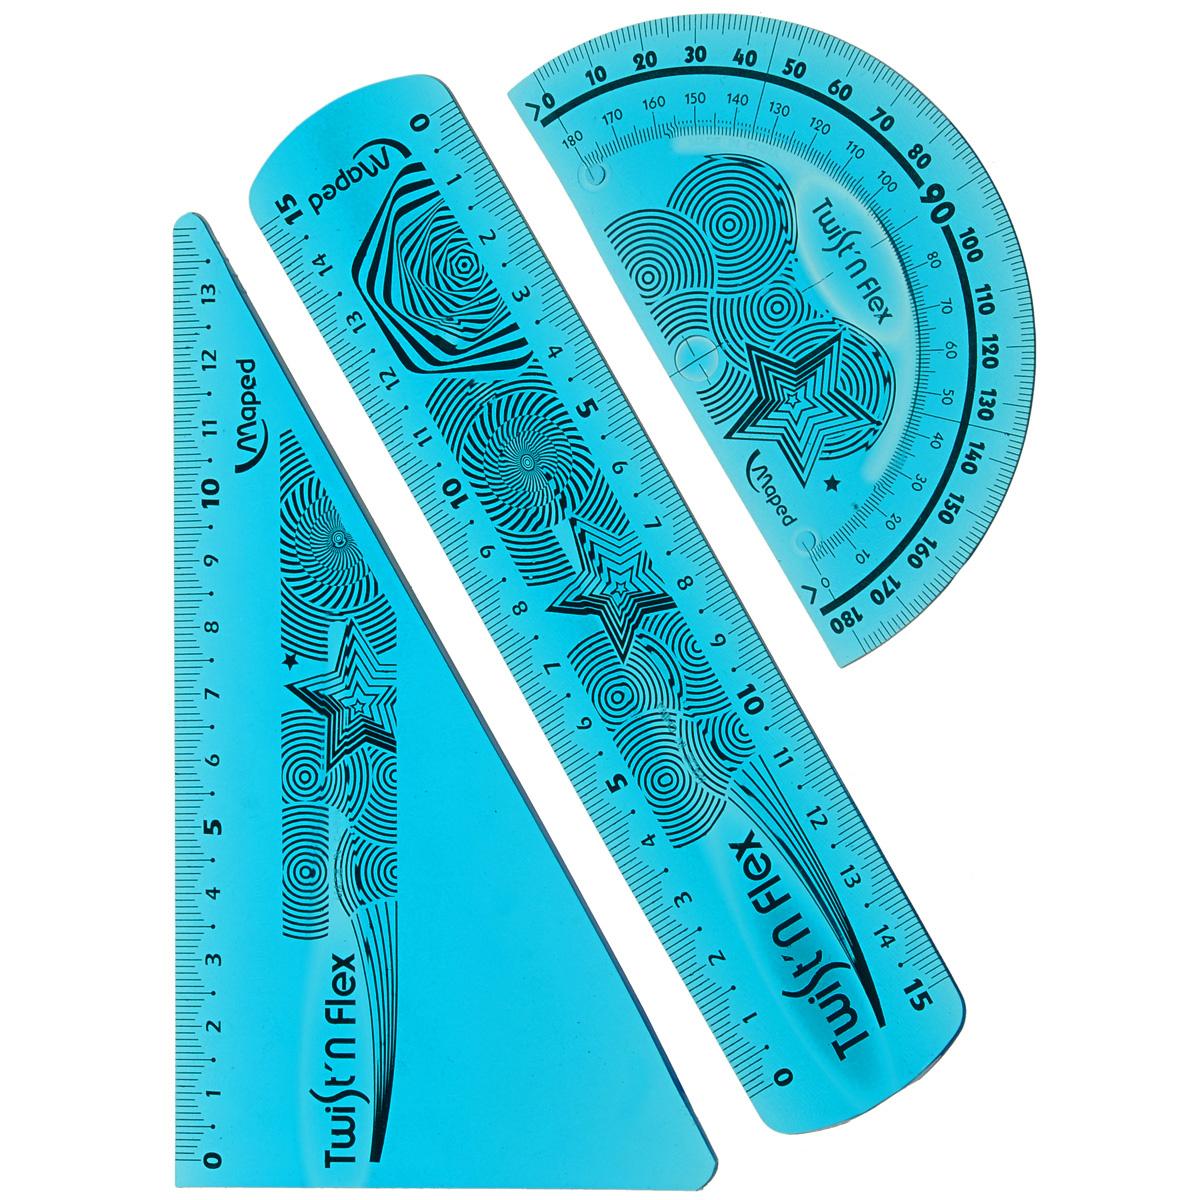 """Геометрический набор Maped """"Twist'n Flex"""", цвет: голубой, 3 предмета  #1"""